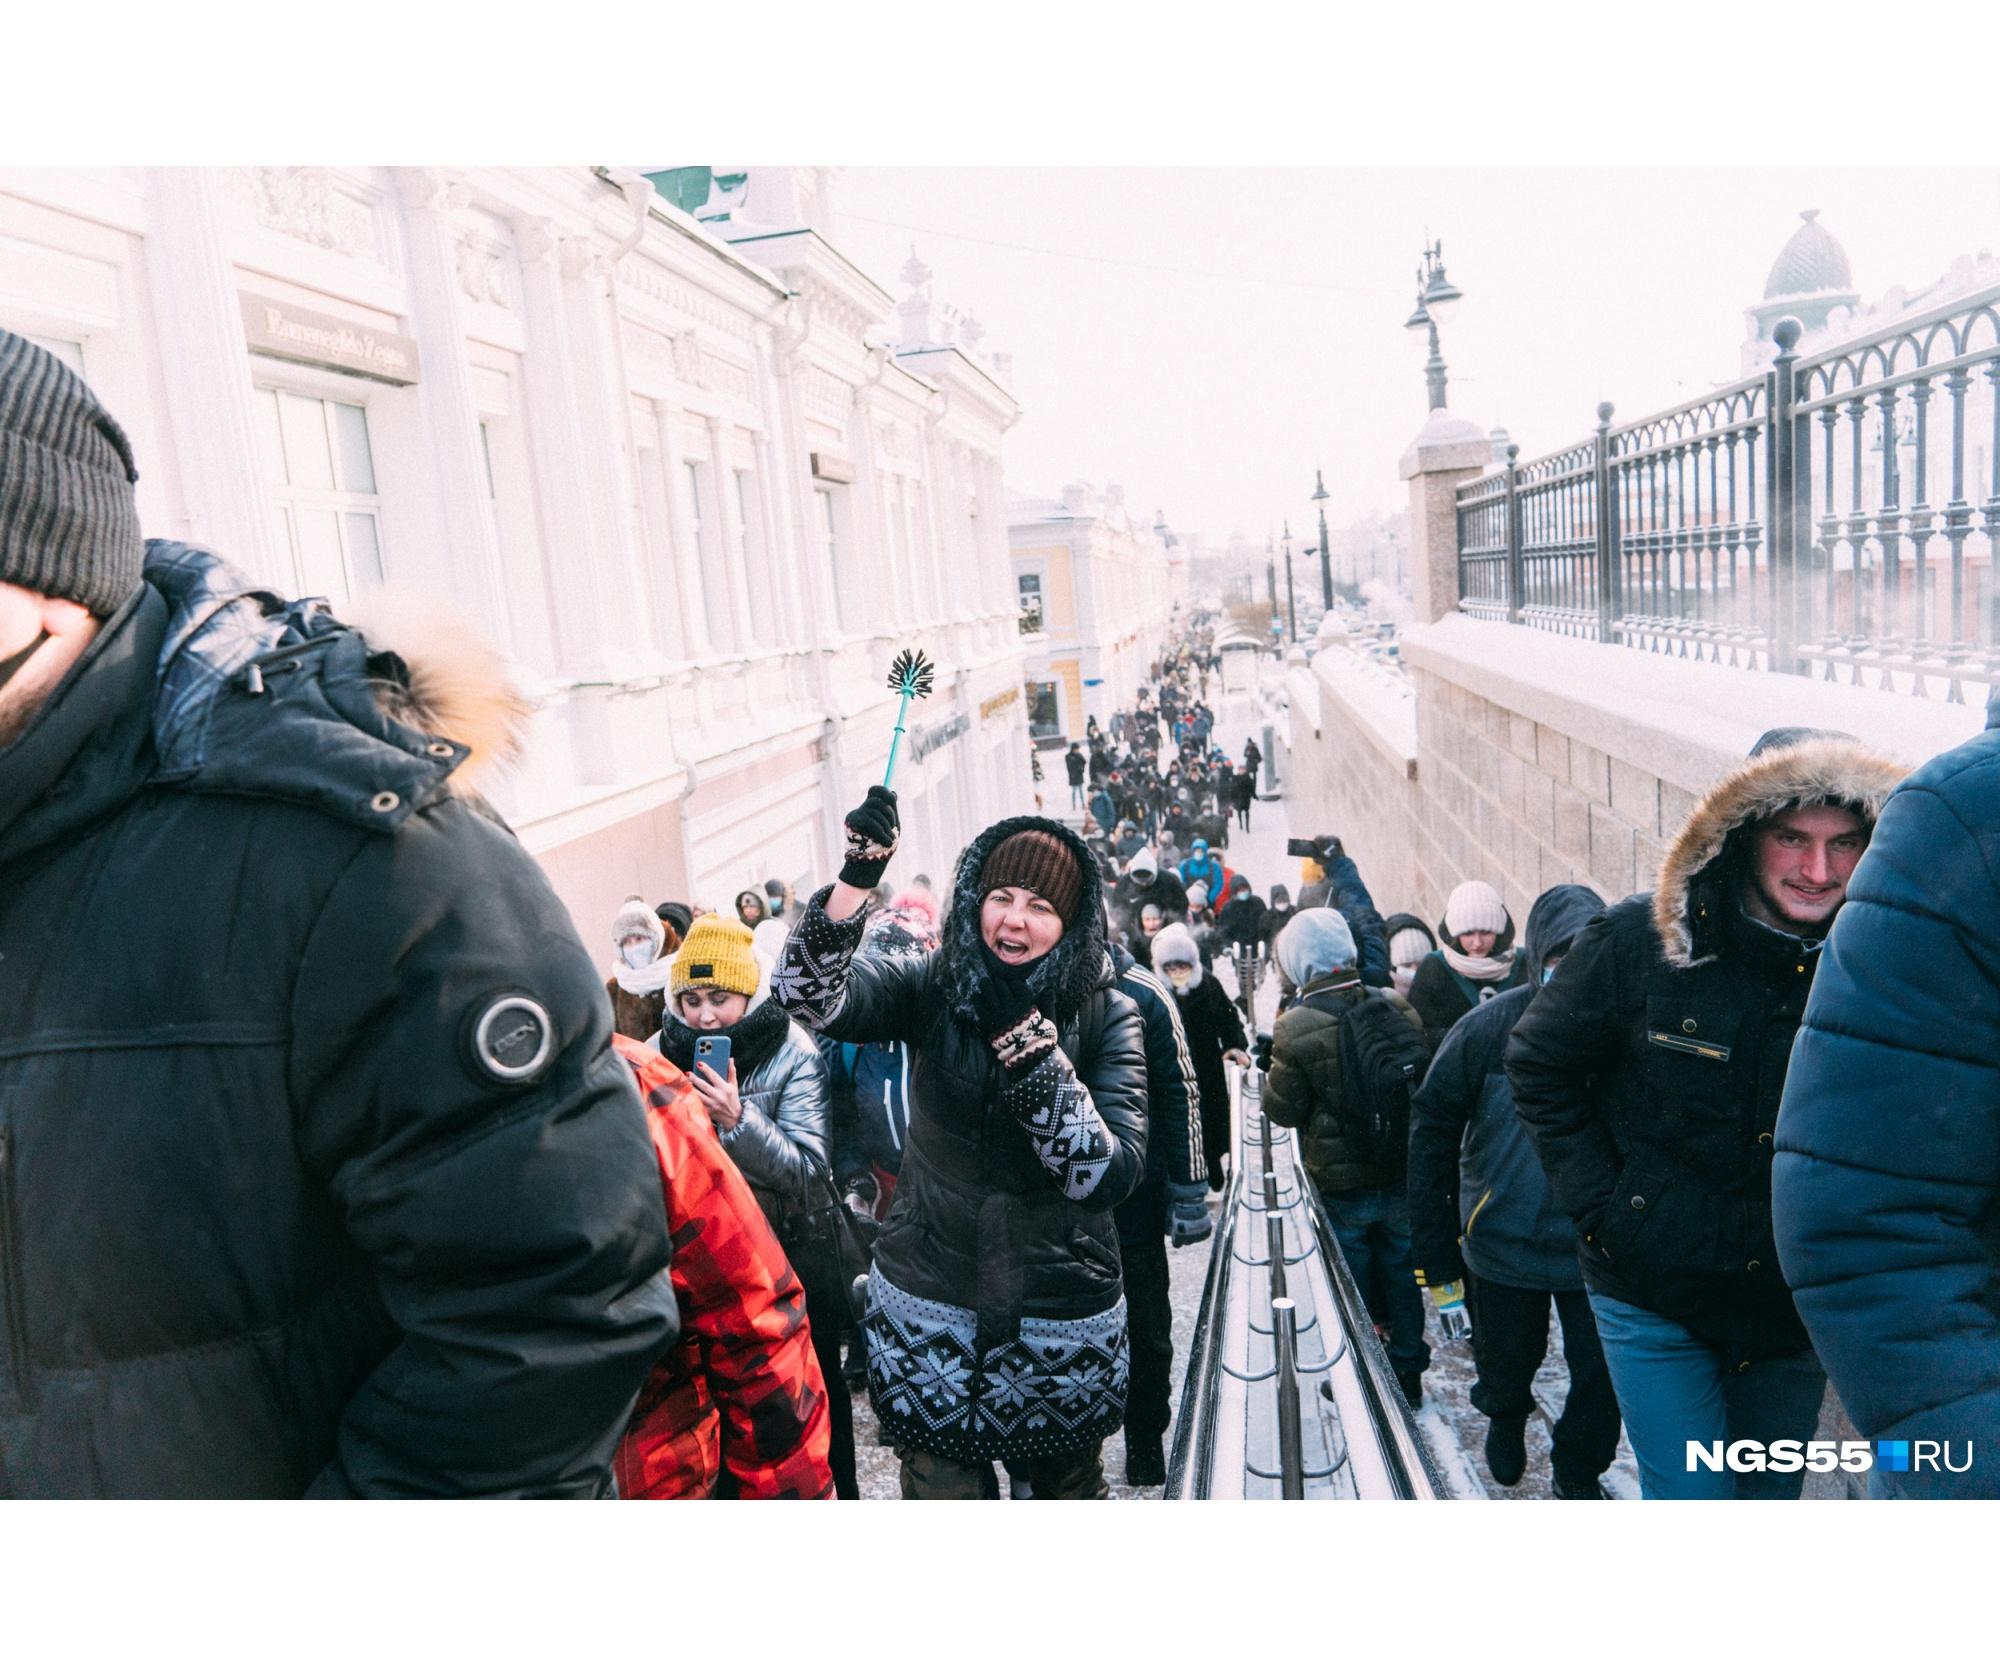 Одним из символов этого протеста во многих городах были ершики